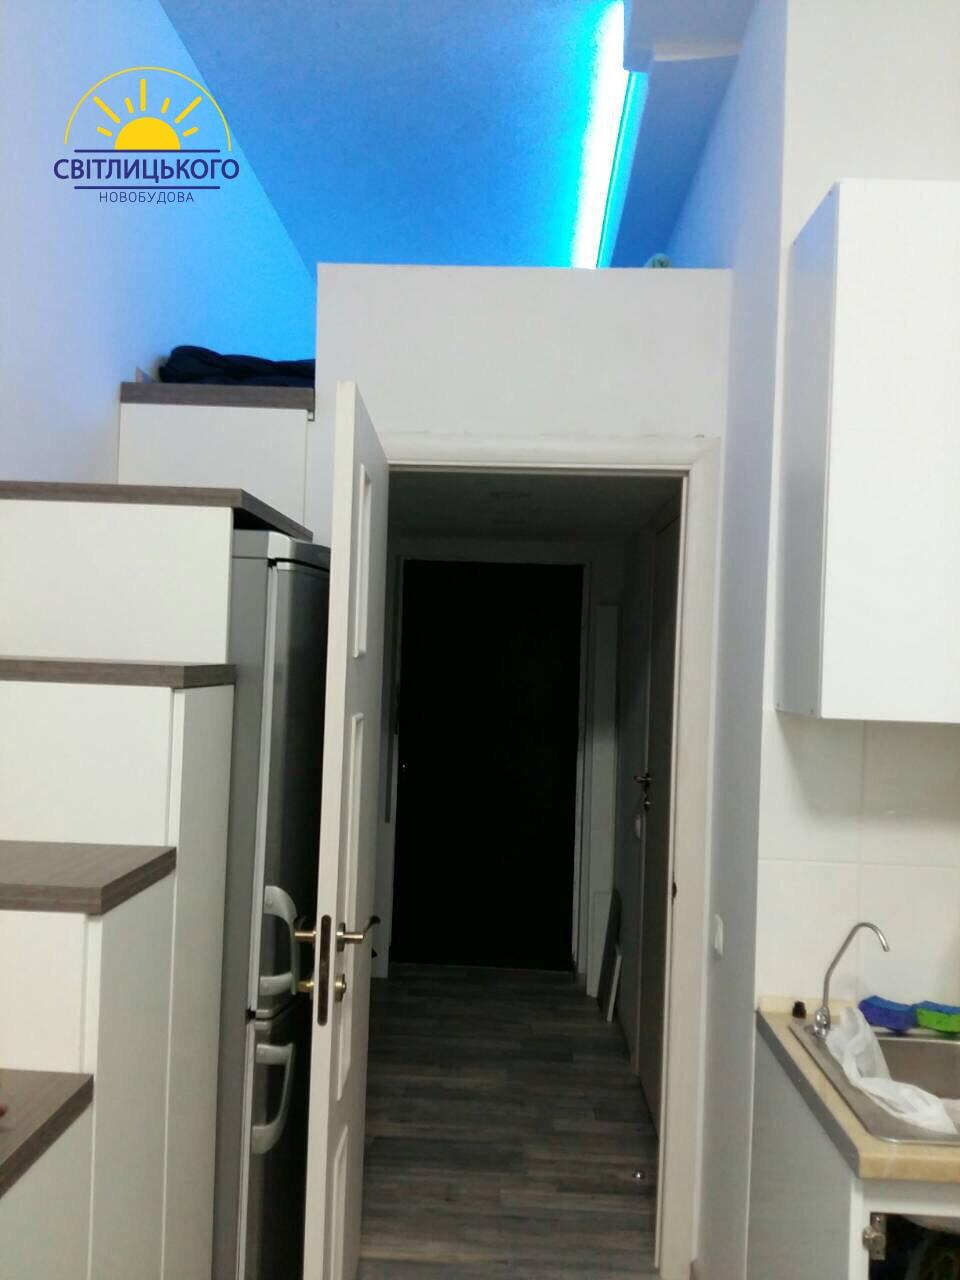 Жители новостроя «На Светлицкого, 35» активно обживаются в своих квартирах